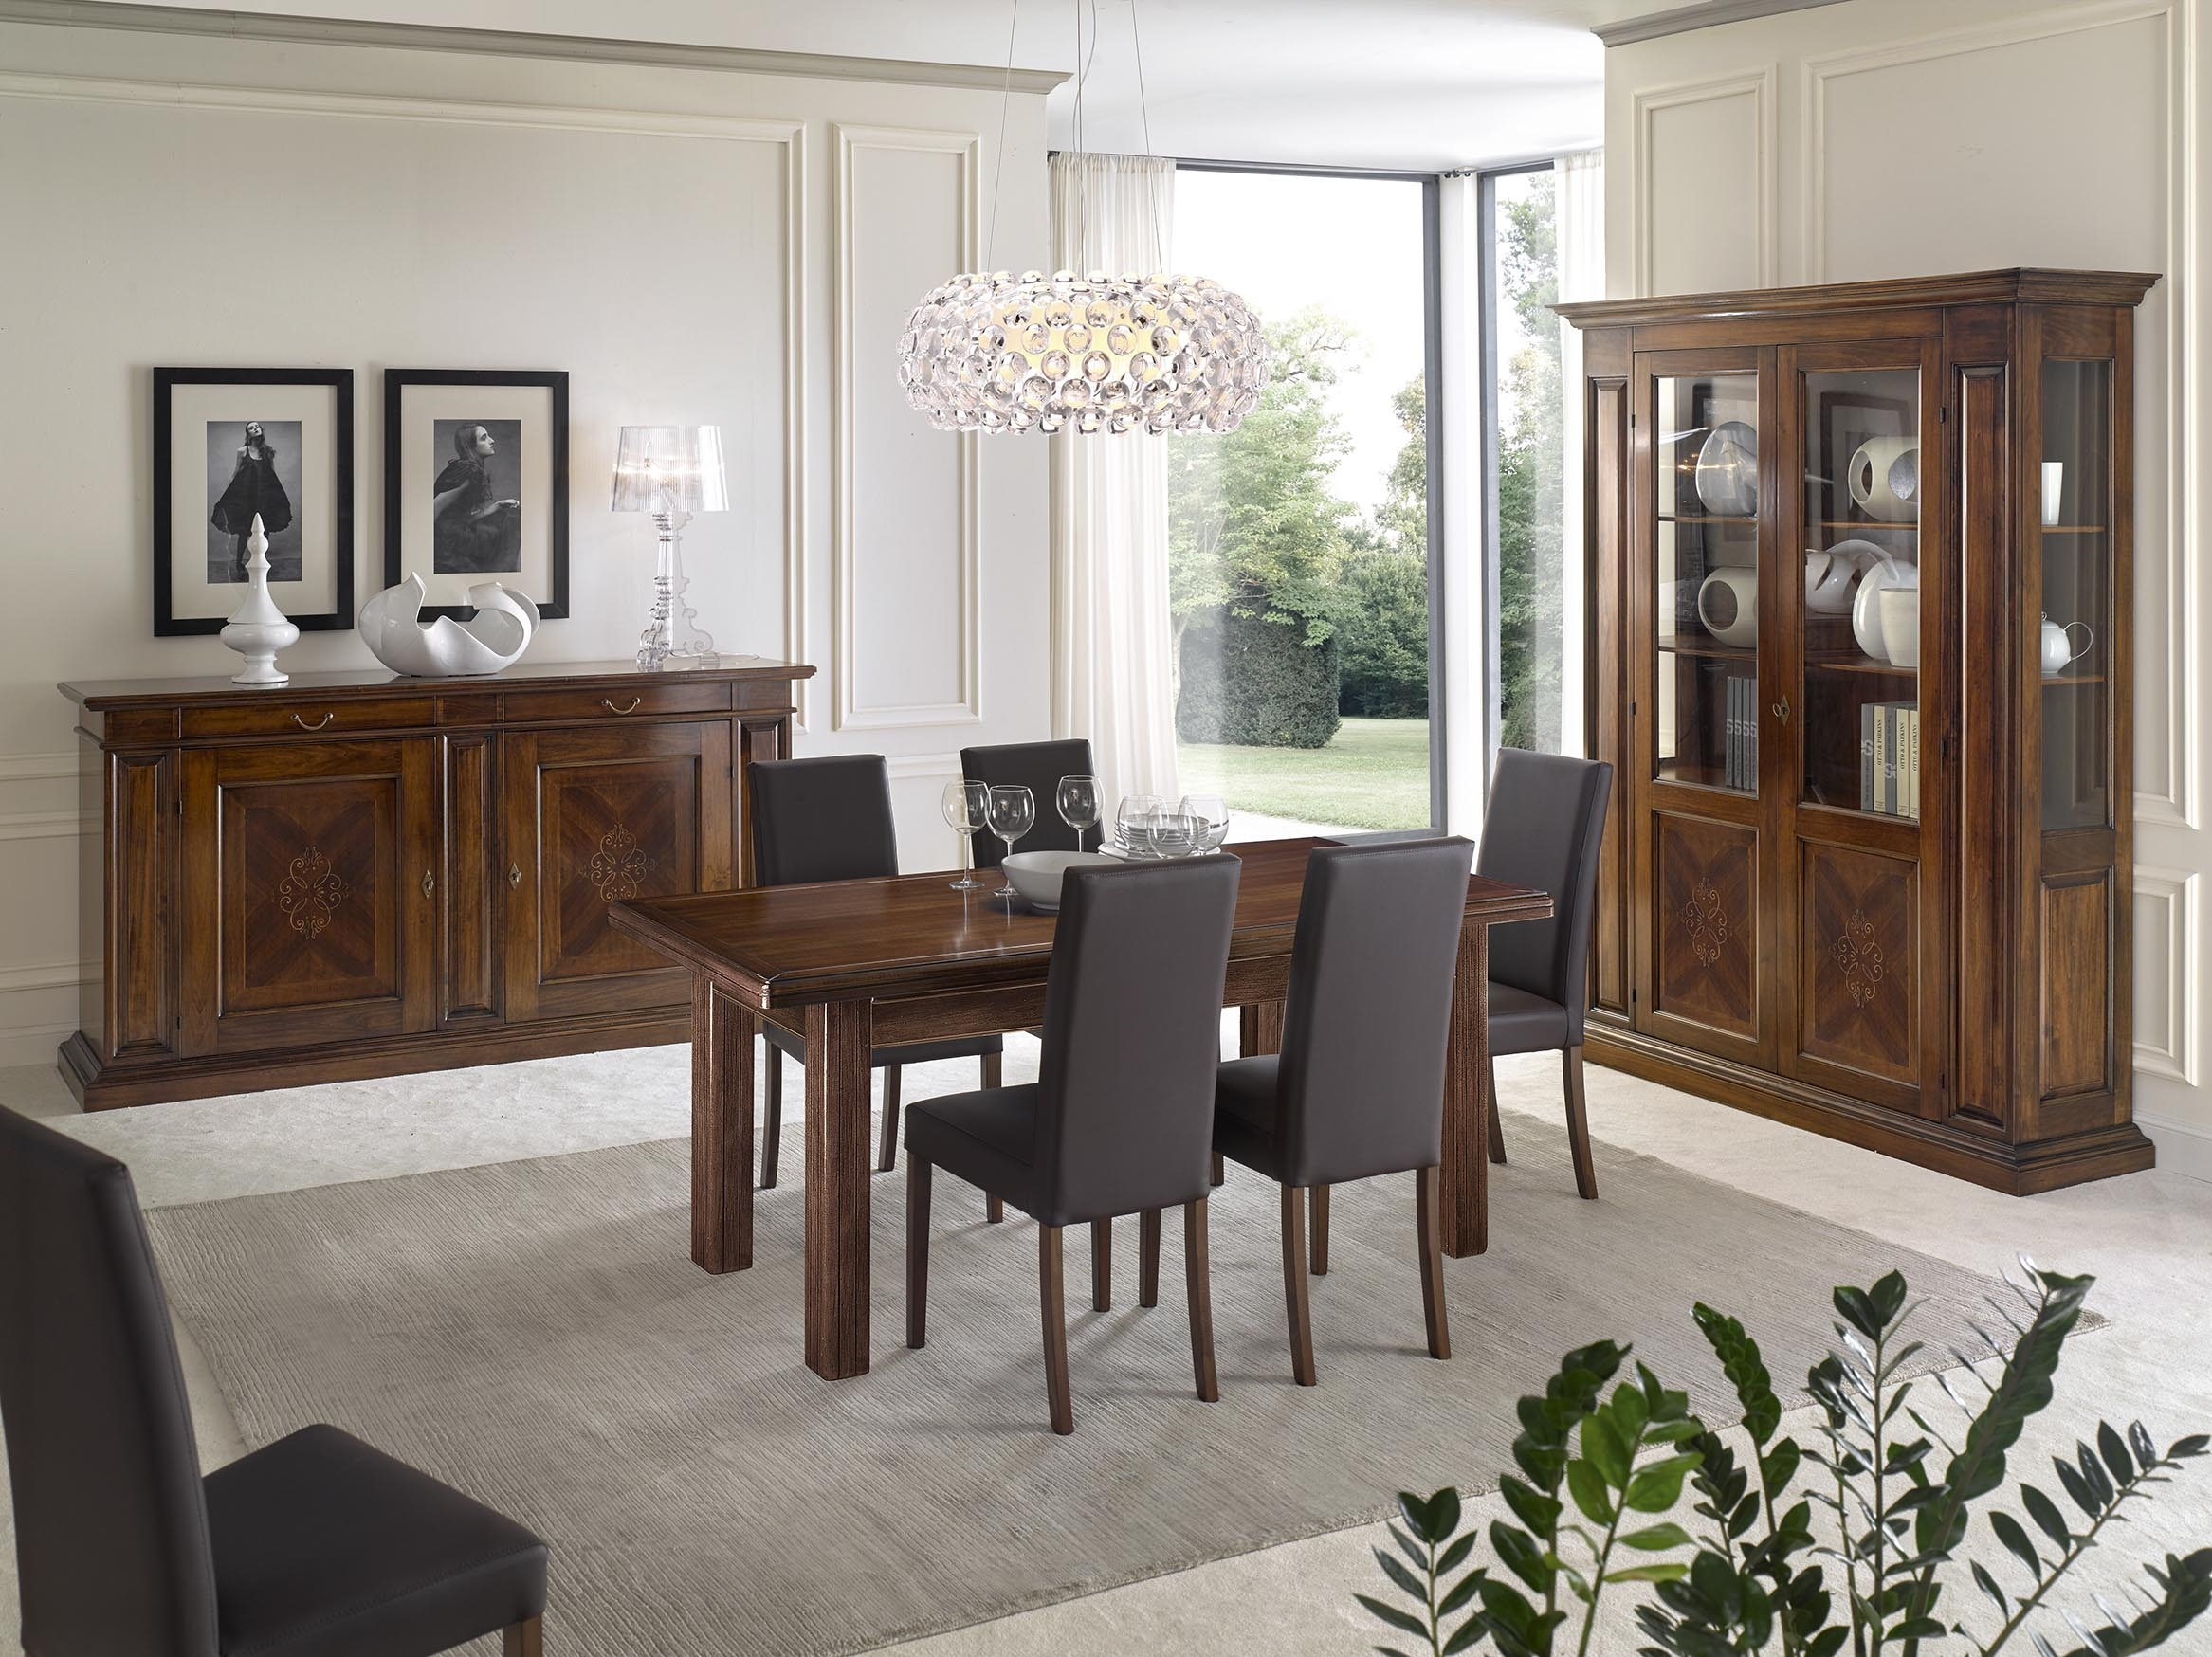 sala da pranzo con mobili intarsiati in noce con tavolo